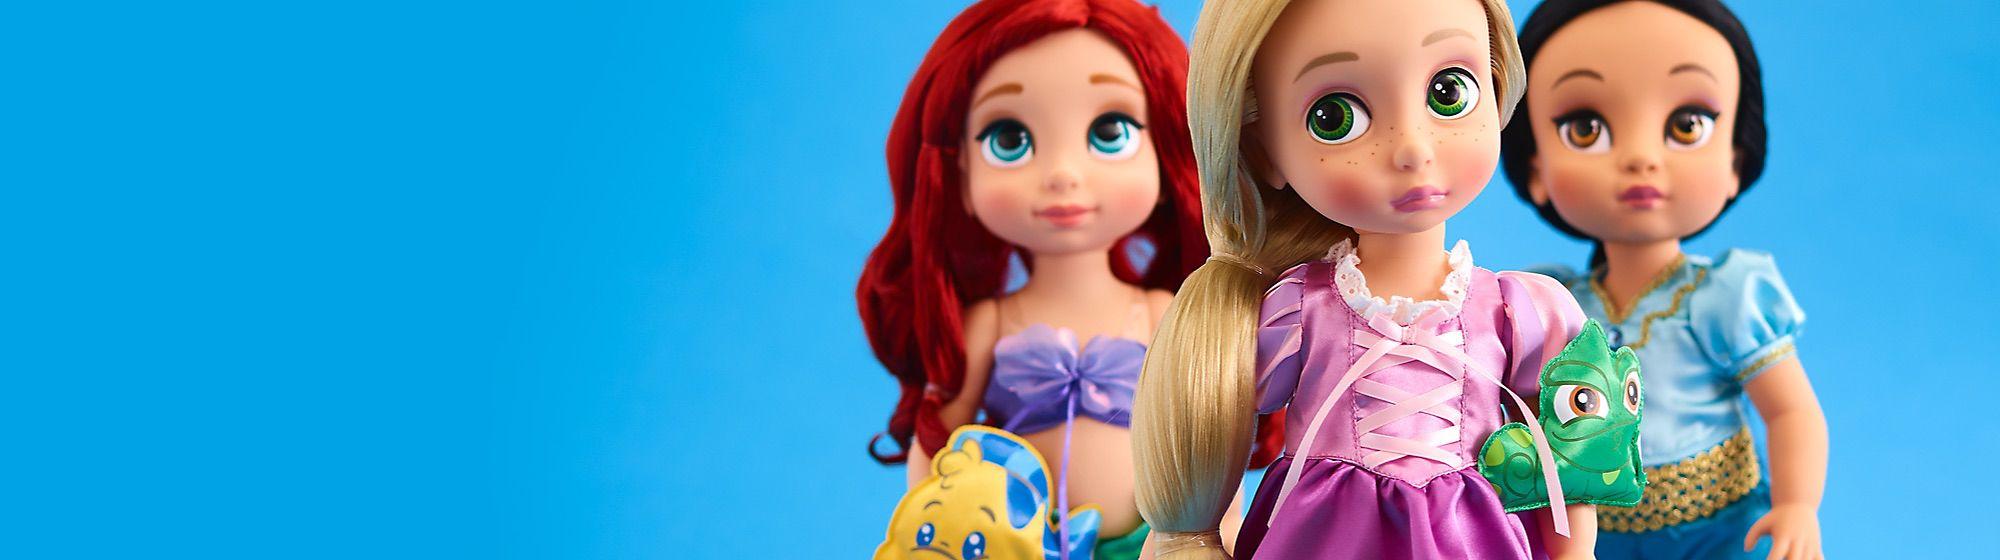 Collezione Animator Scopri ora la collezione esclusiva Disney Animator. Le bambole delle tue principesse Disney preferite ti stanno aspettando.